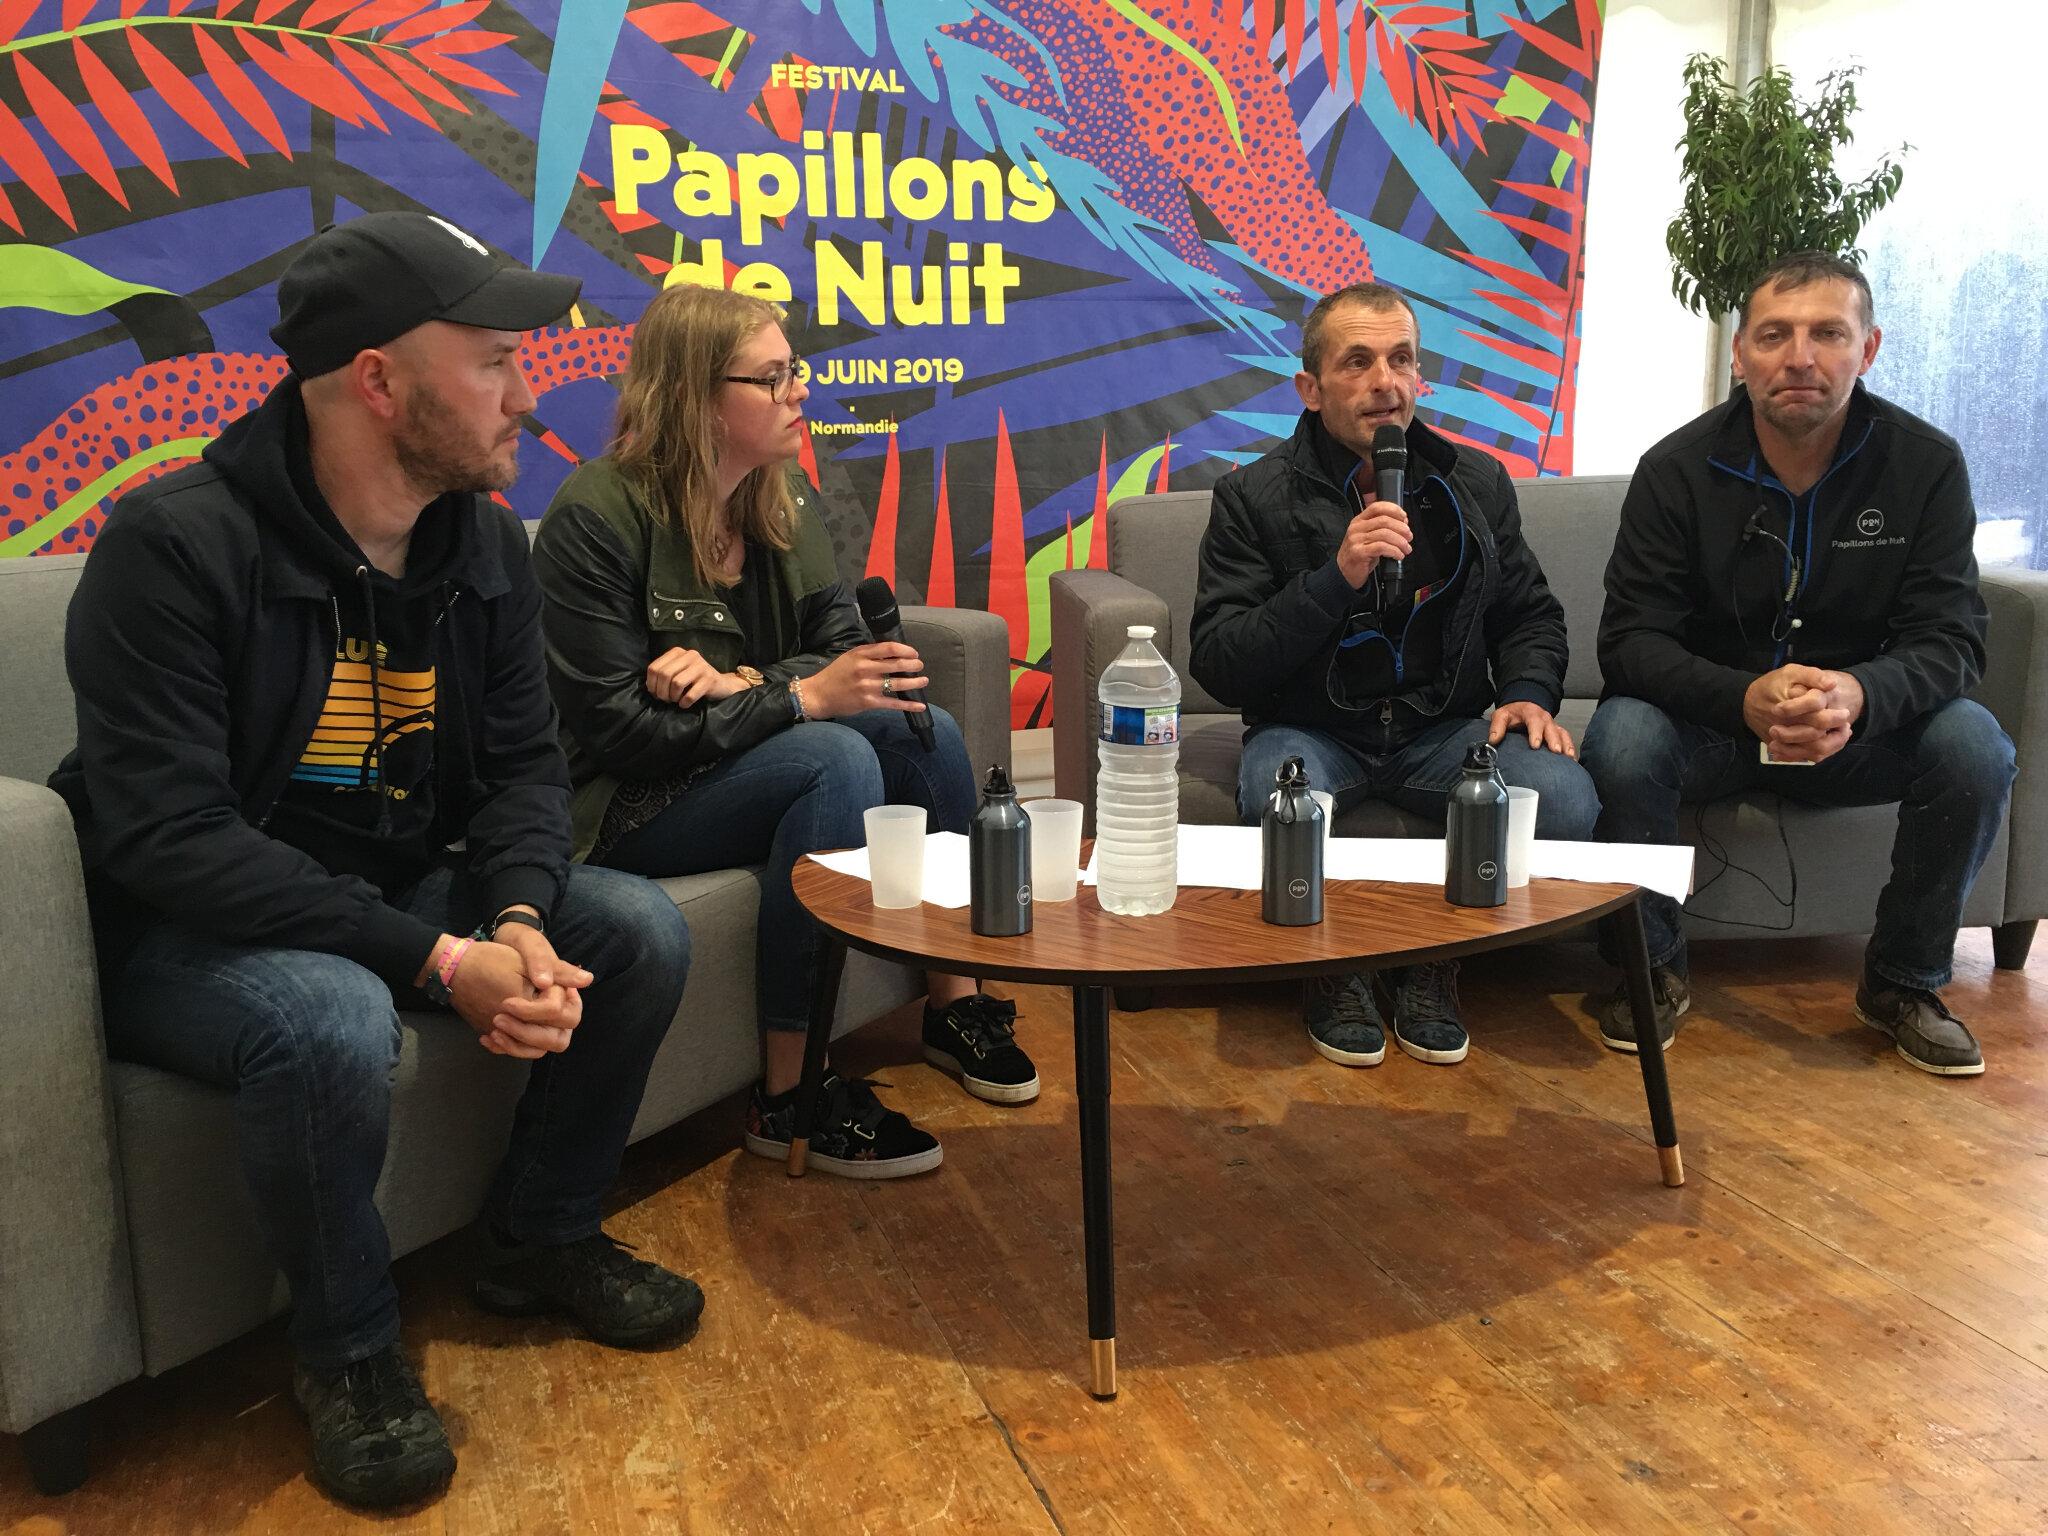 festival Papillons de nuit 2019 • bilan et focus sur le concert d'Adrien Legrand et les choeurs de Parisy